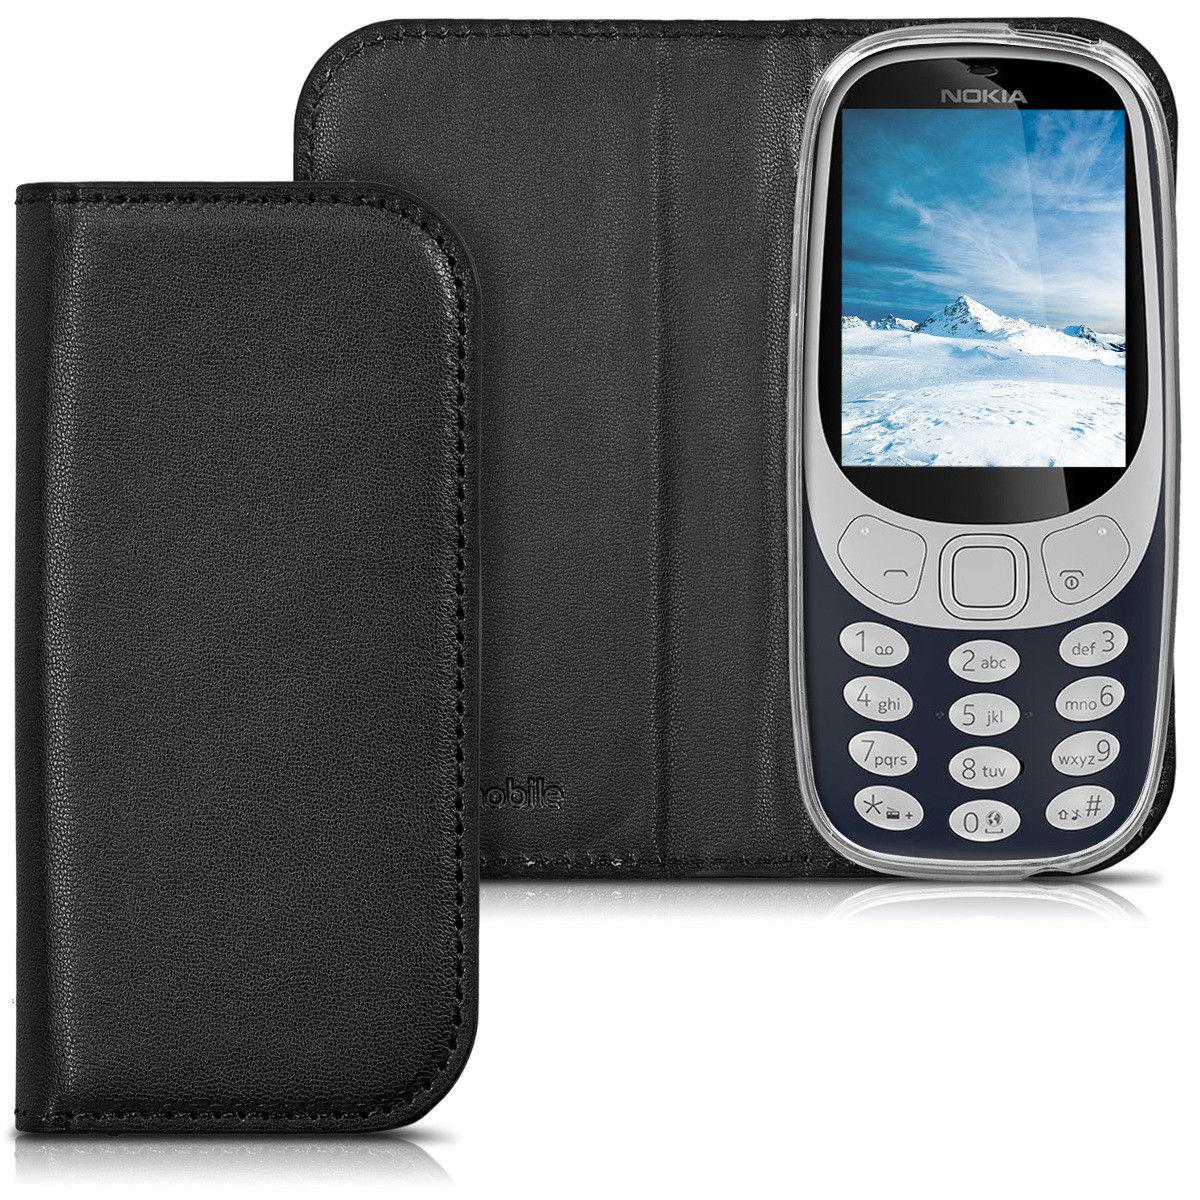 Pouzdro pro Nokia 3310 (2017) černé